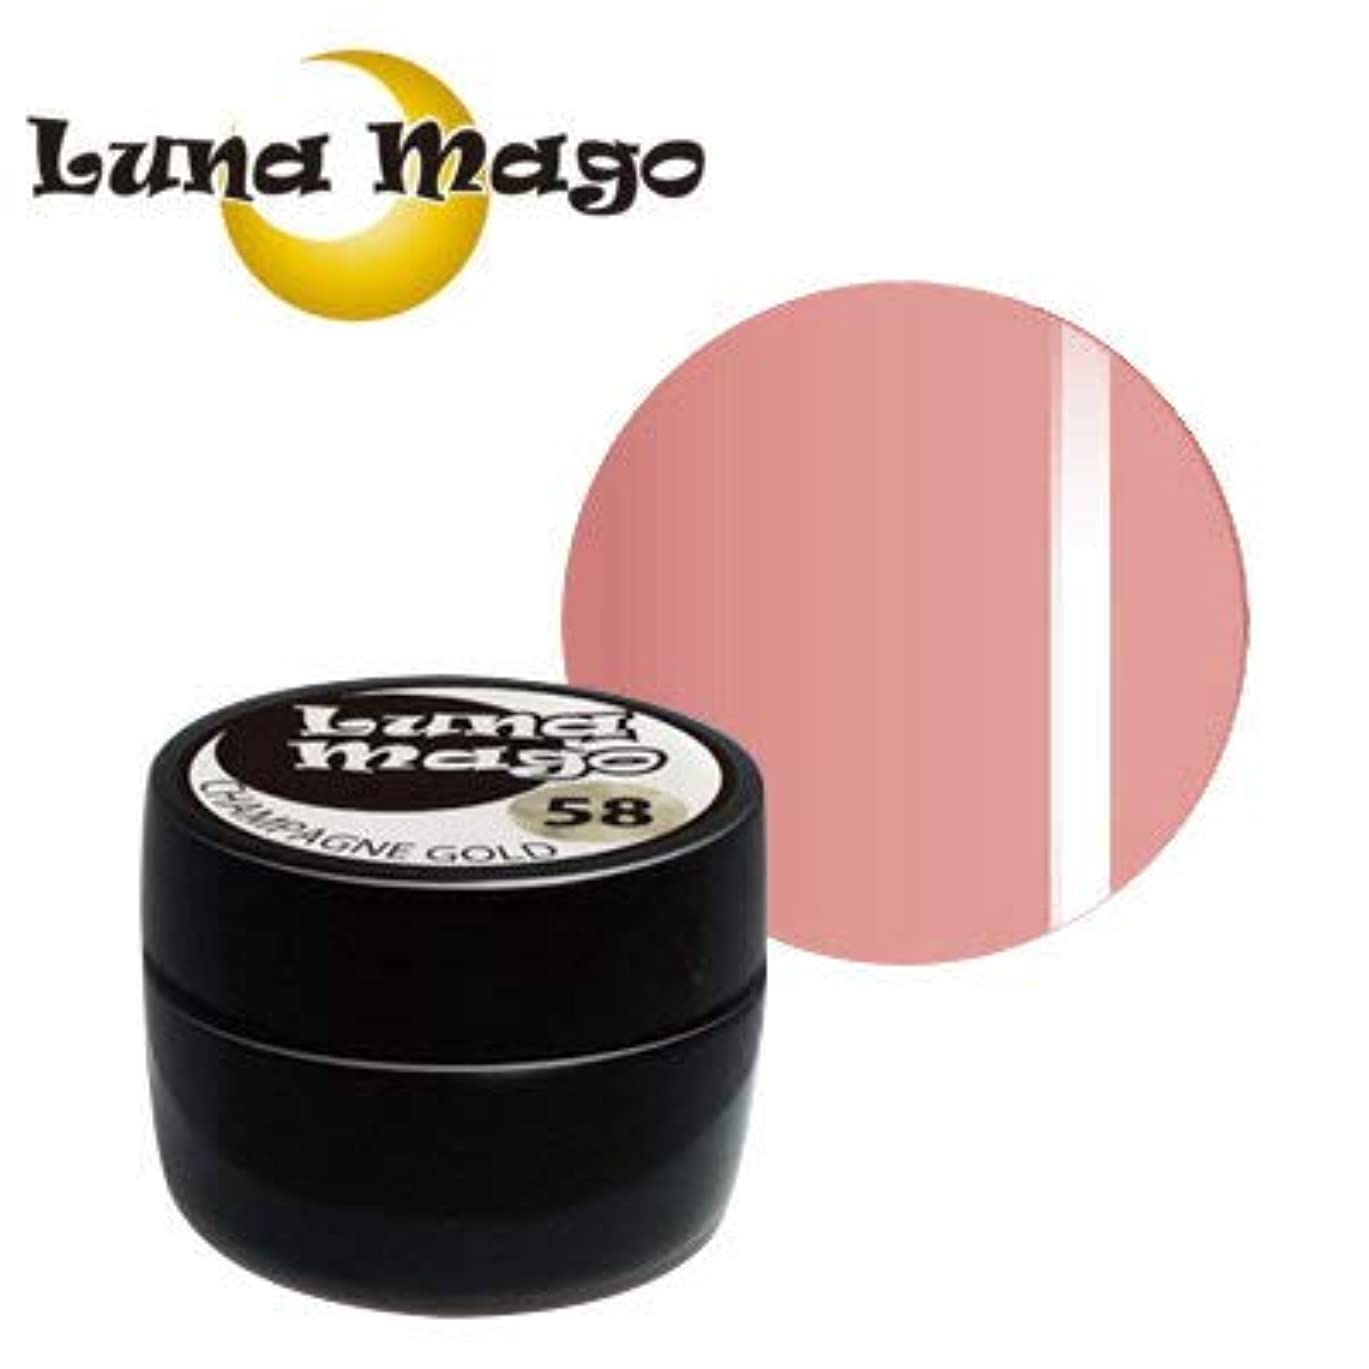 移植お風呂を持っている蚊Luna Mago カラージェル 5g 022 ネオピンク